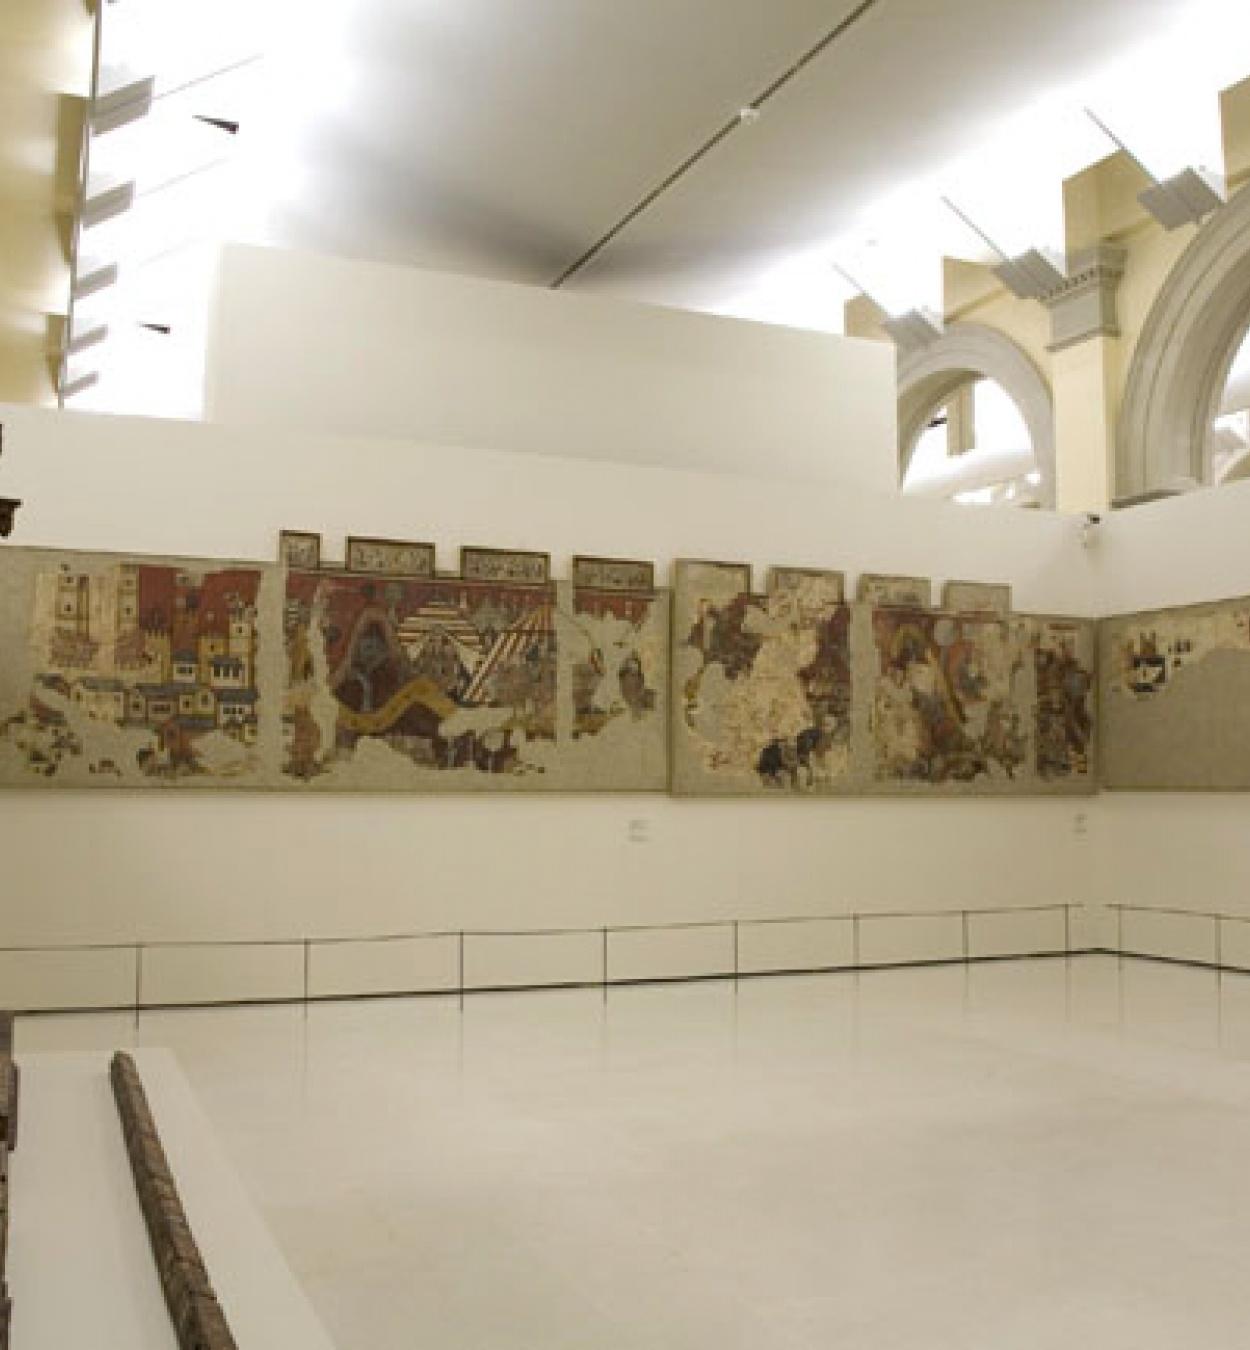 Mestre de la conquesta de Mallorca - Pintures murals de la conquesta de Mallorca - 1285-1290 [1]